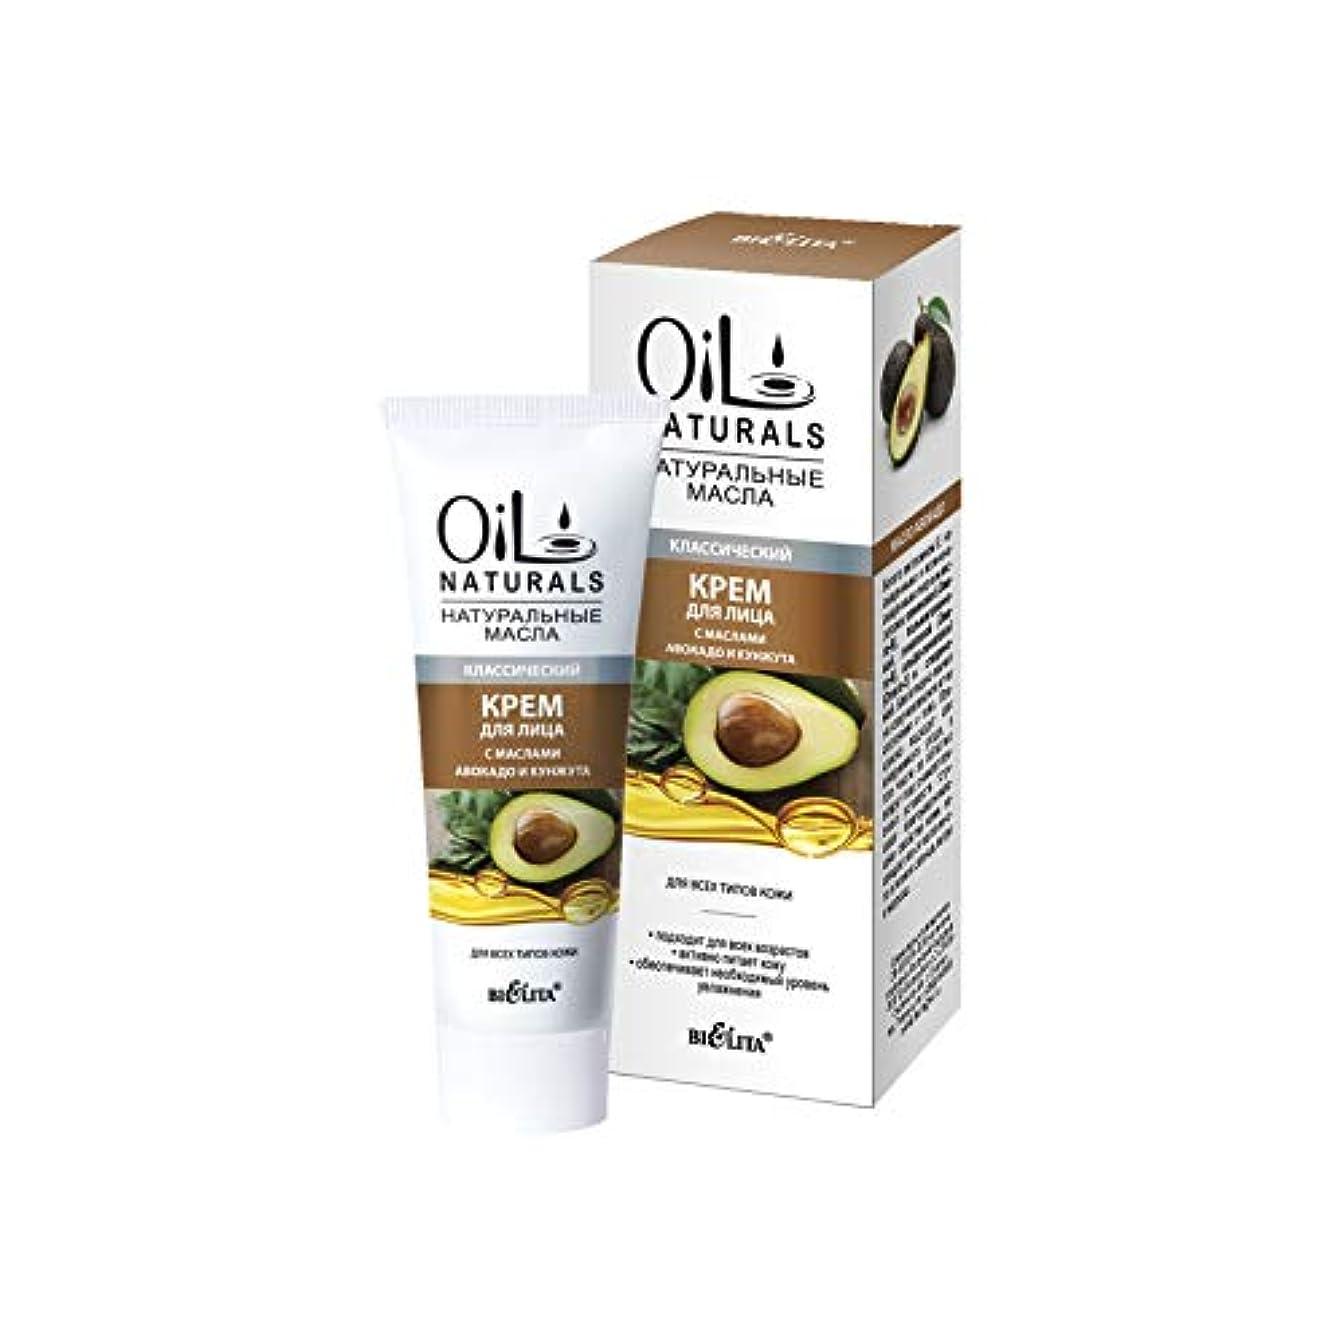 上へ性格組立Bielita & Vitex |Oil Naturals Line | Classic Moisturizing Face Cream, for All Skin Types, 50 ml | Avocado Oil, Silk Proteins, Sesame Oil, Vitamins